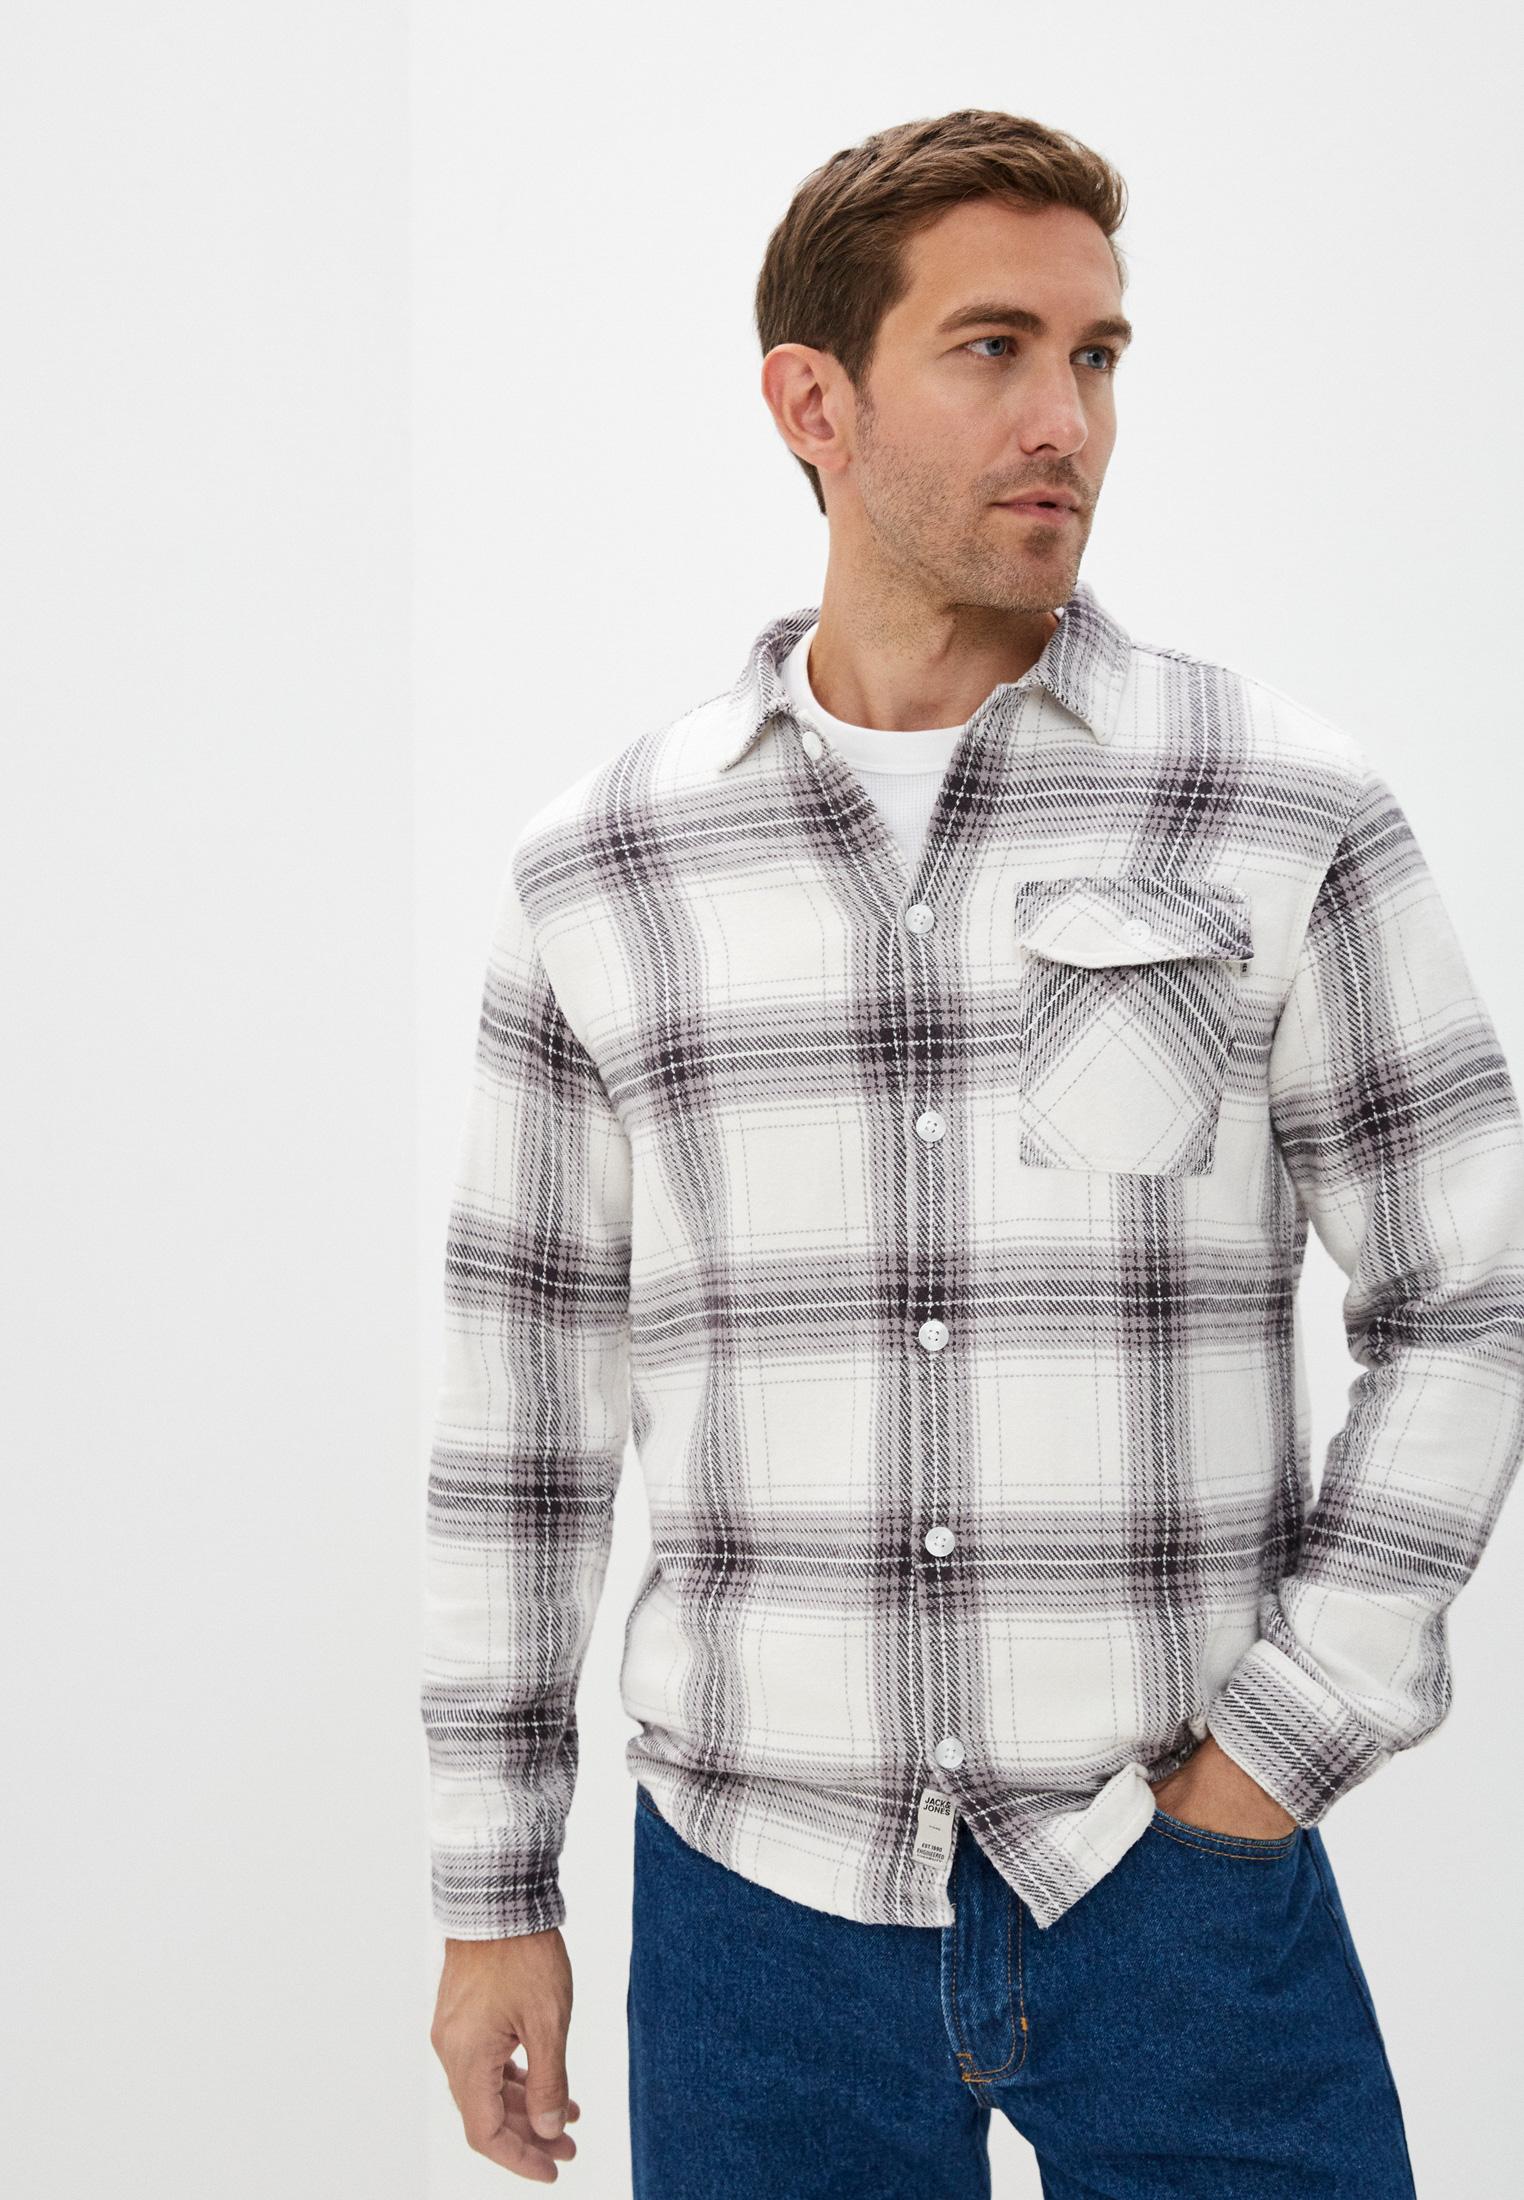 Рубашка с длинным рукавом Jack & Jones (Джек Энд Джонс) Рубашка Jack & Jones